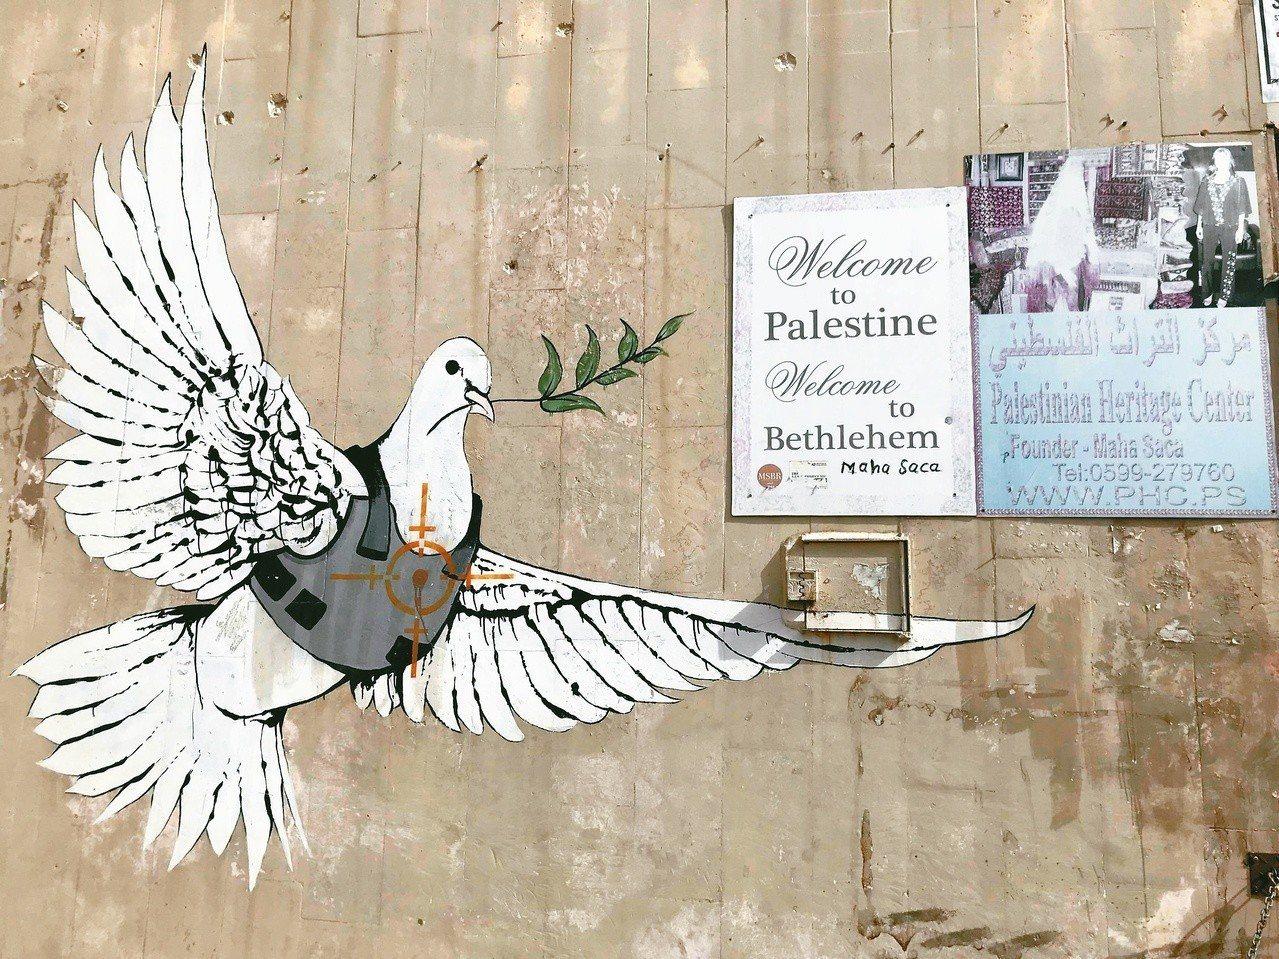 位於巴勒斯坦約旦河西岸地區伯利恆市的,藝術家班克斯的塗鴉作品。